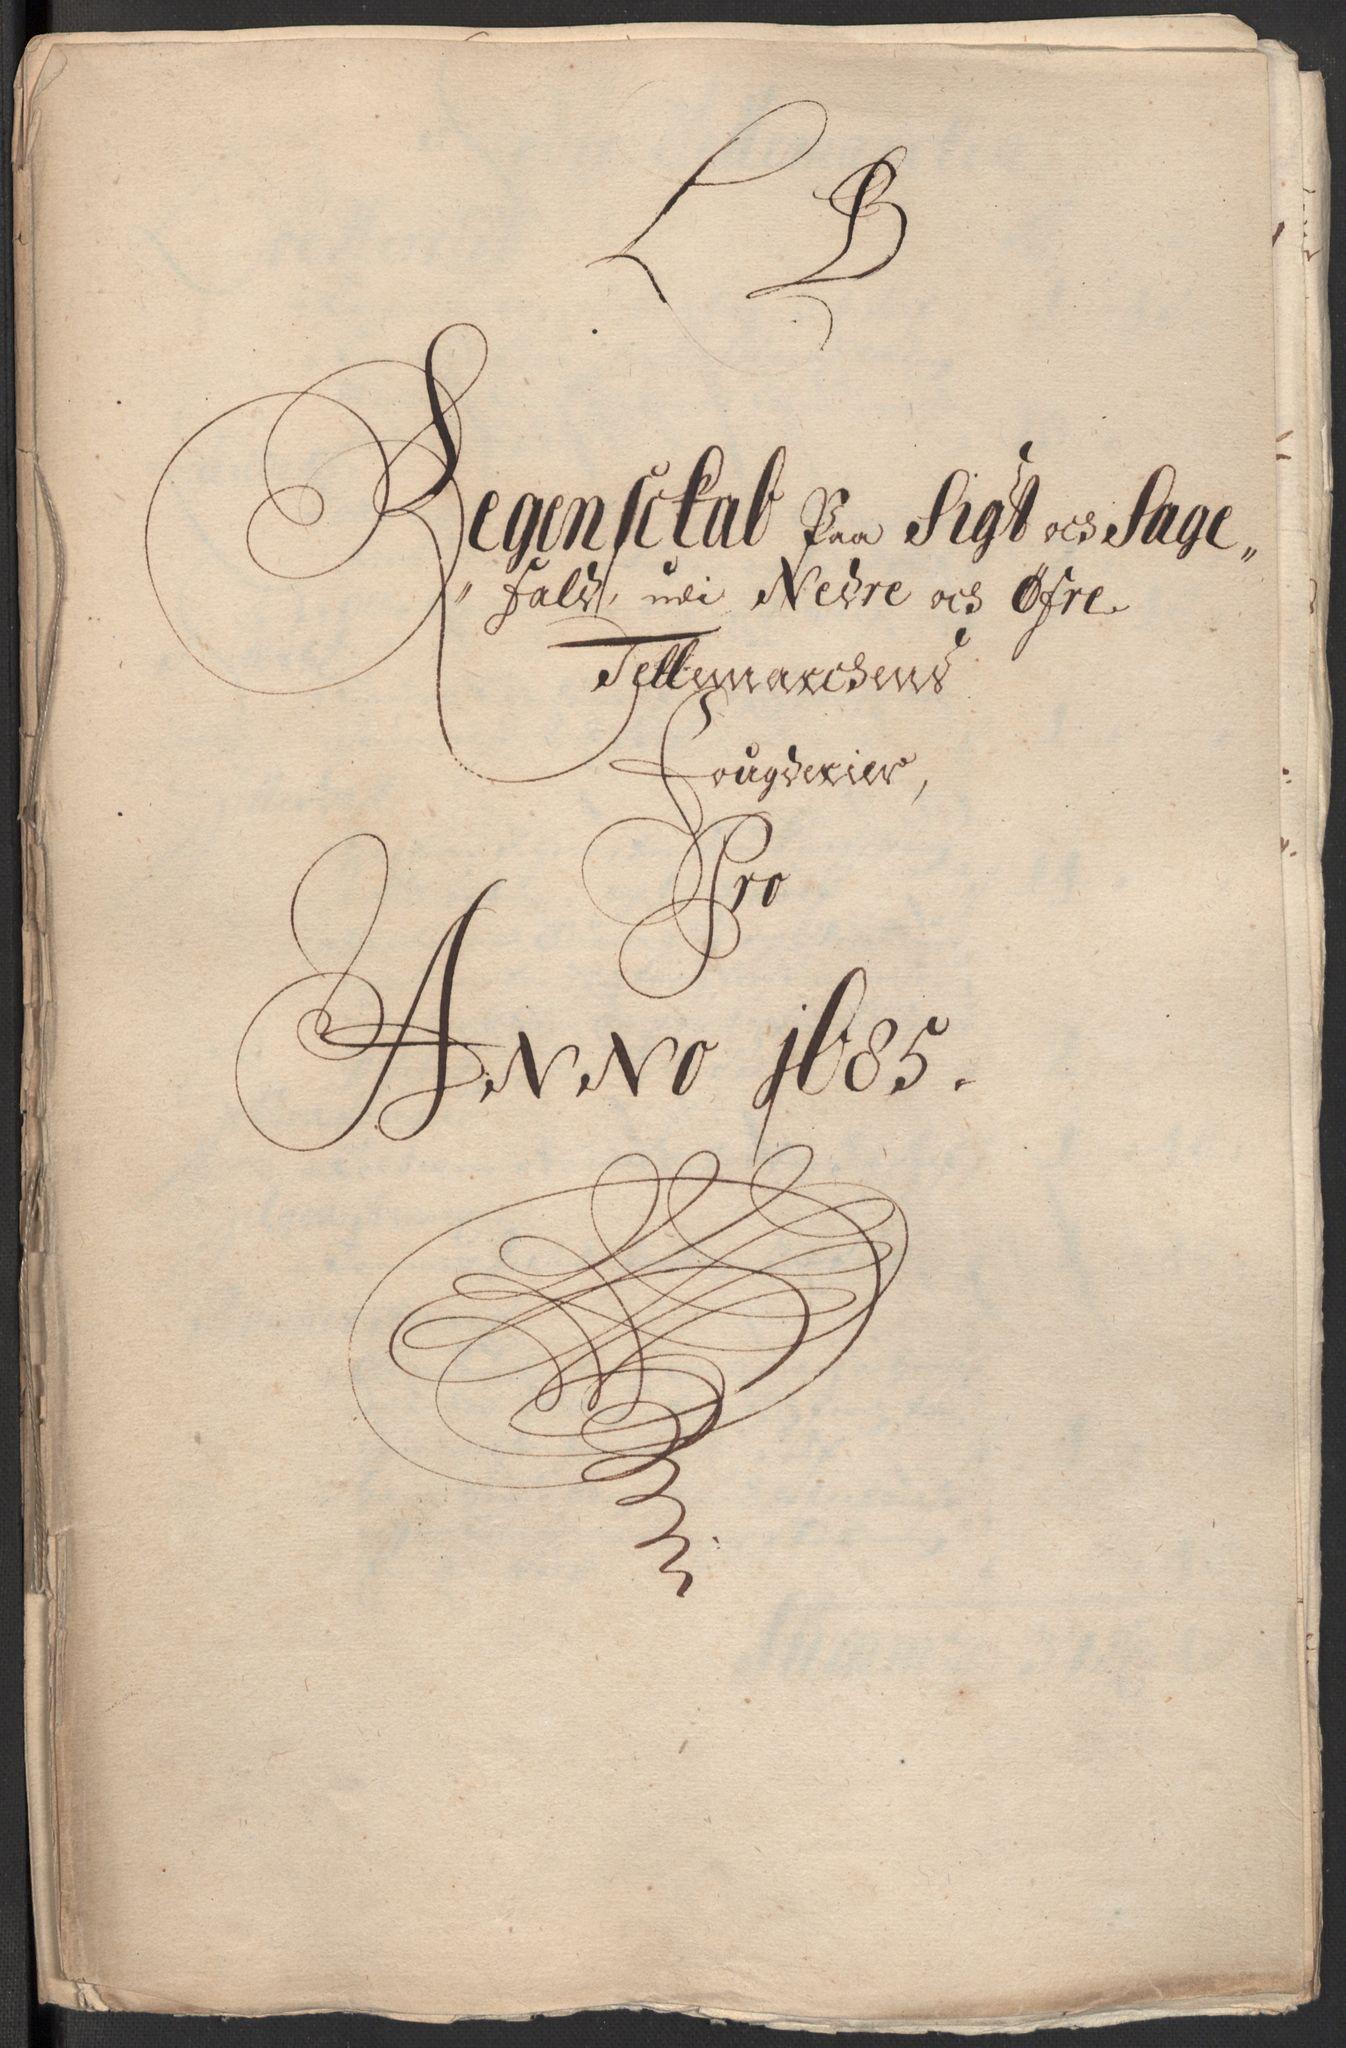 RA, Rentekammeret inntil 1814, Reviderte regnskaper, Fogderegnskap, R35/L2082: Fogderegnskap Øvre og Nedre Telemark, 1685, s. 48